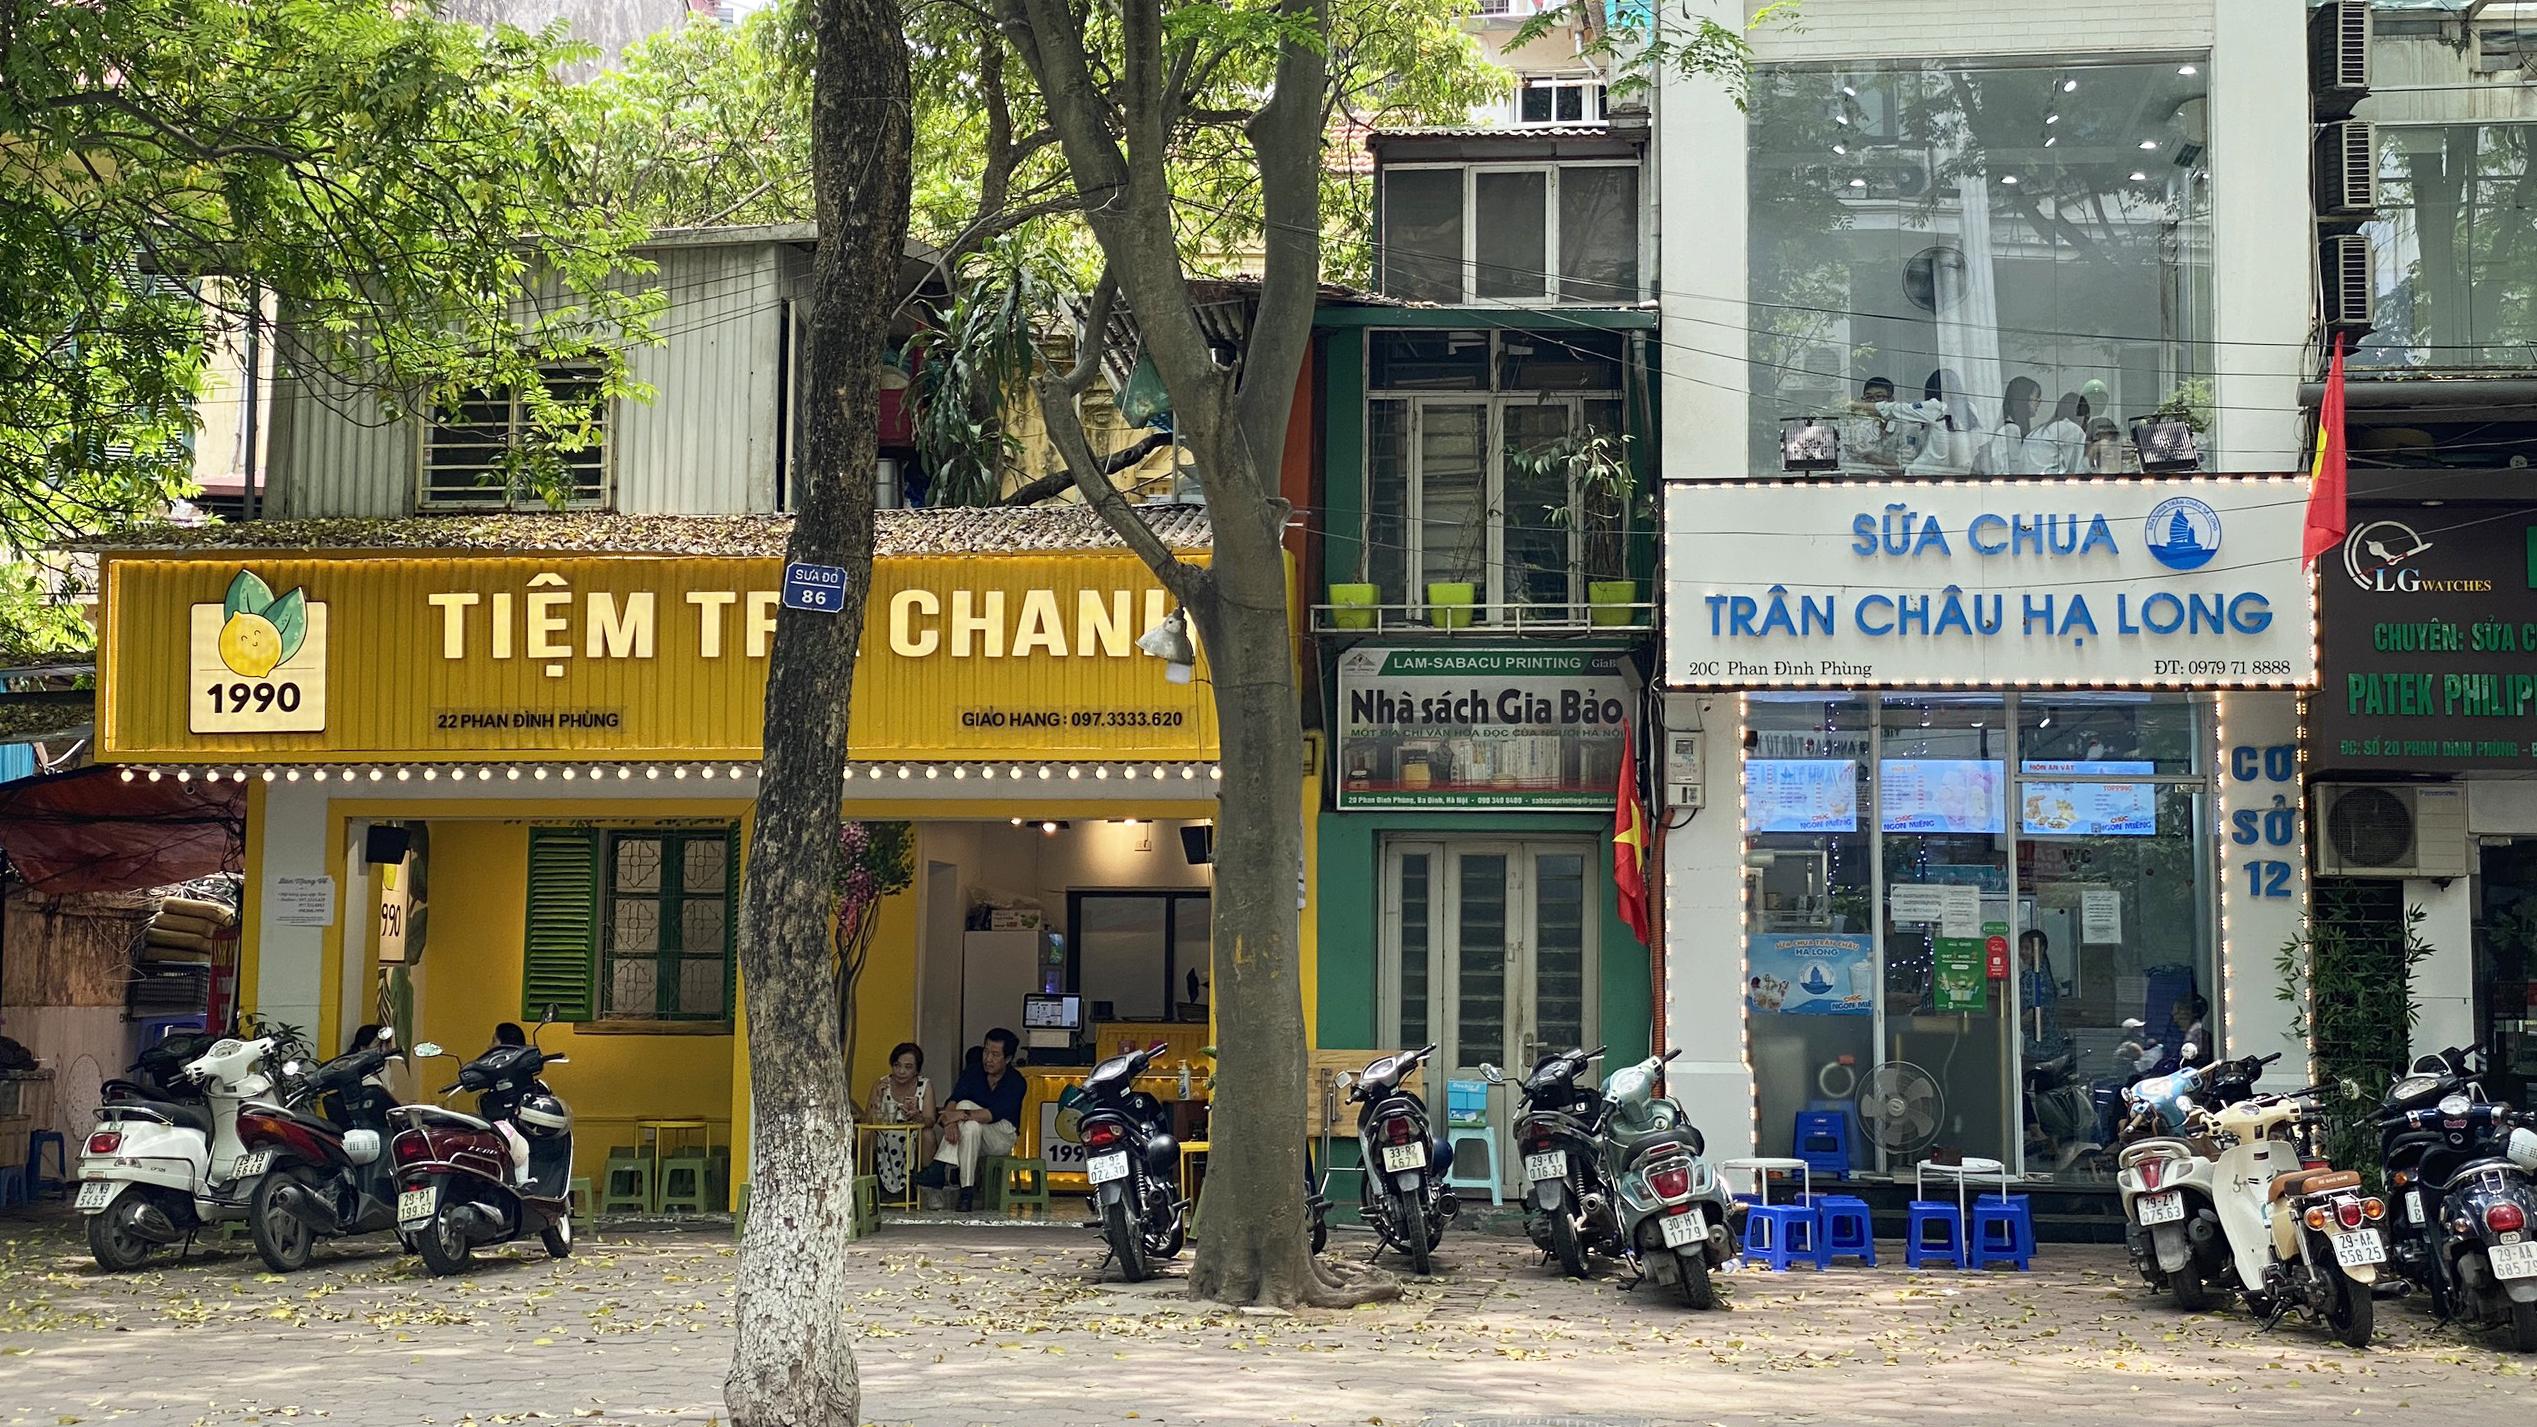 Những ngày đầu hè, người dân đã rủ nhau đến tiệm kem nức tiếng của Hà Nội để hạ nhiệt - Ảnh 7.